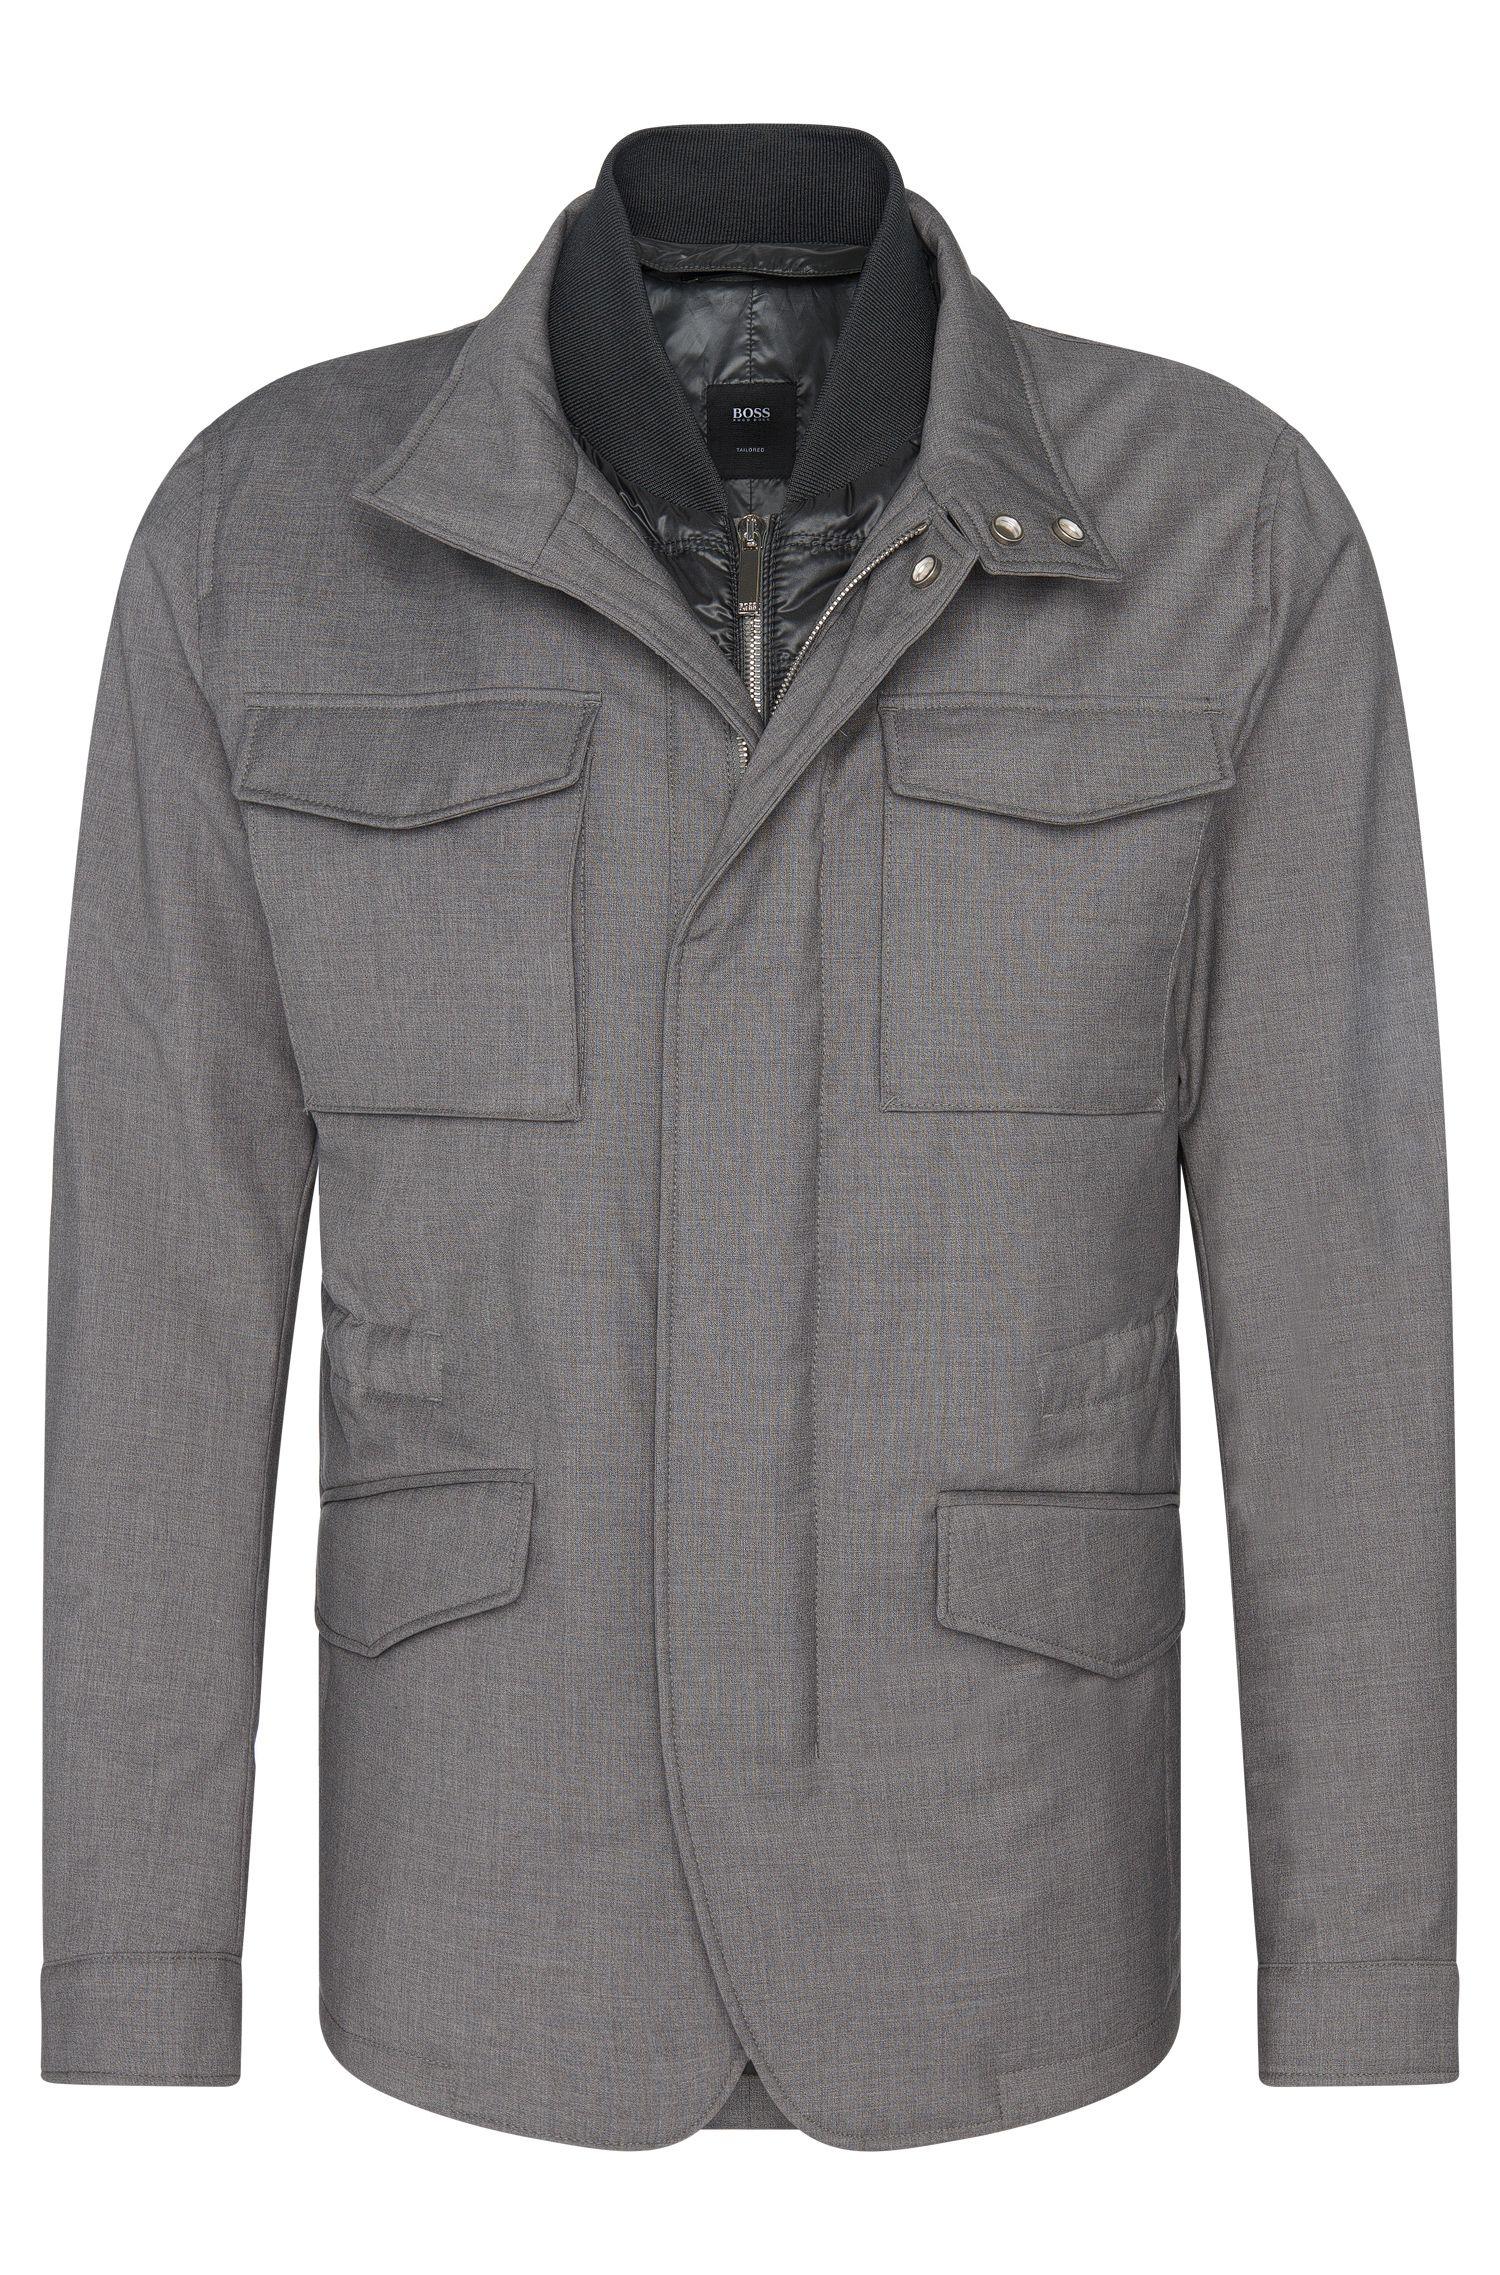 'T-Caimen' | Italian Virgin Wool Field Jacket, Detachable Bib